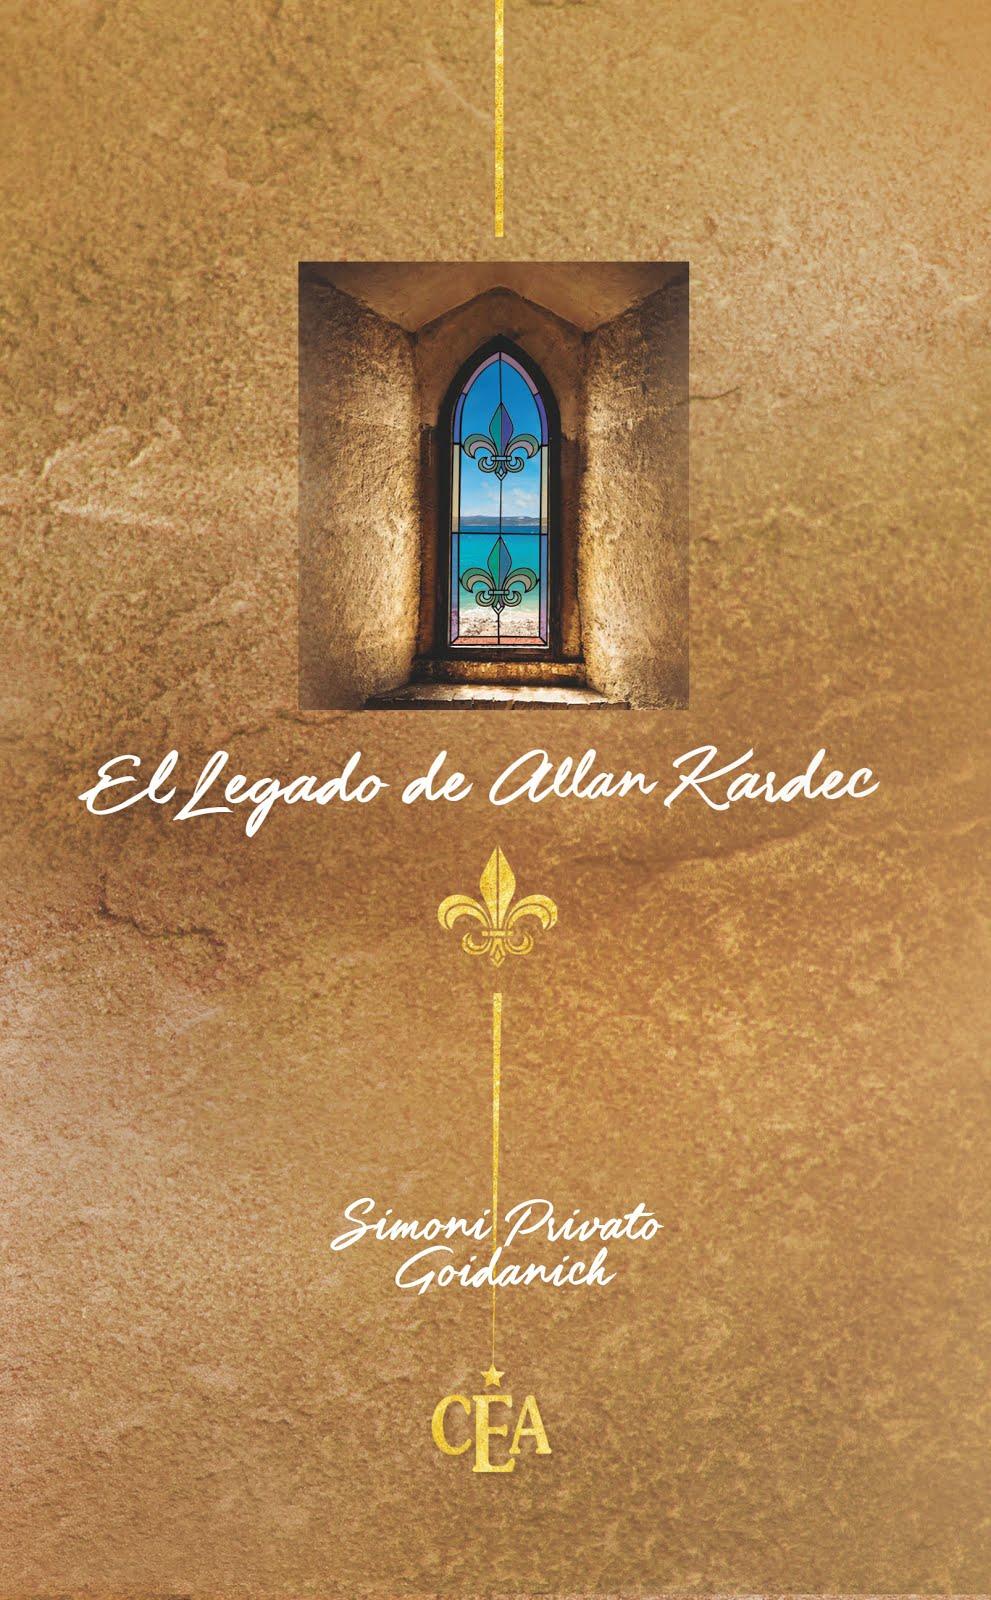 El legado de Allan Kardec